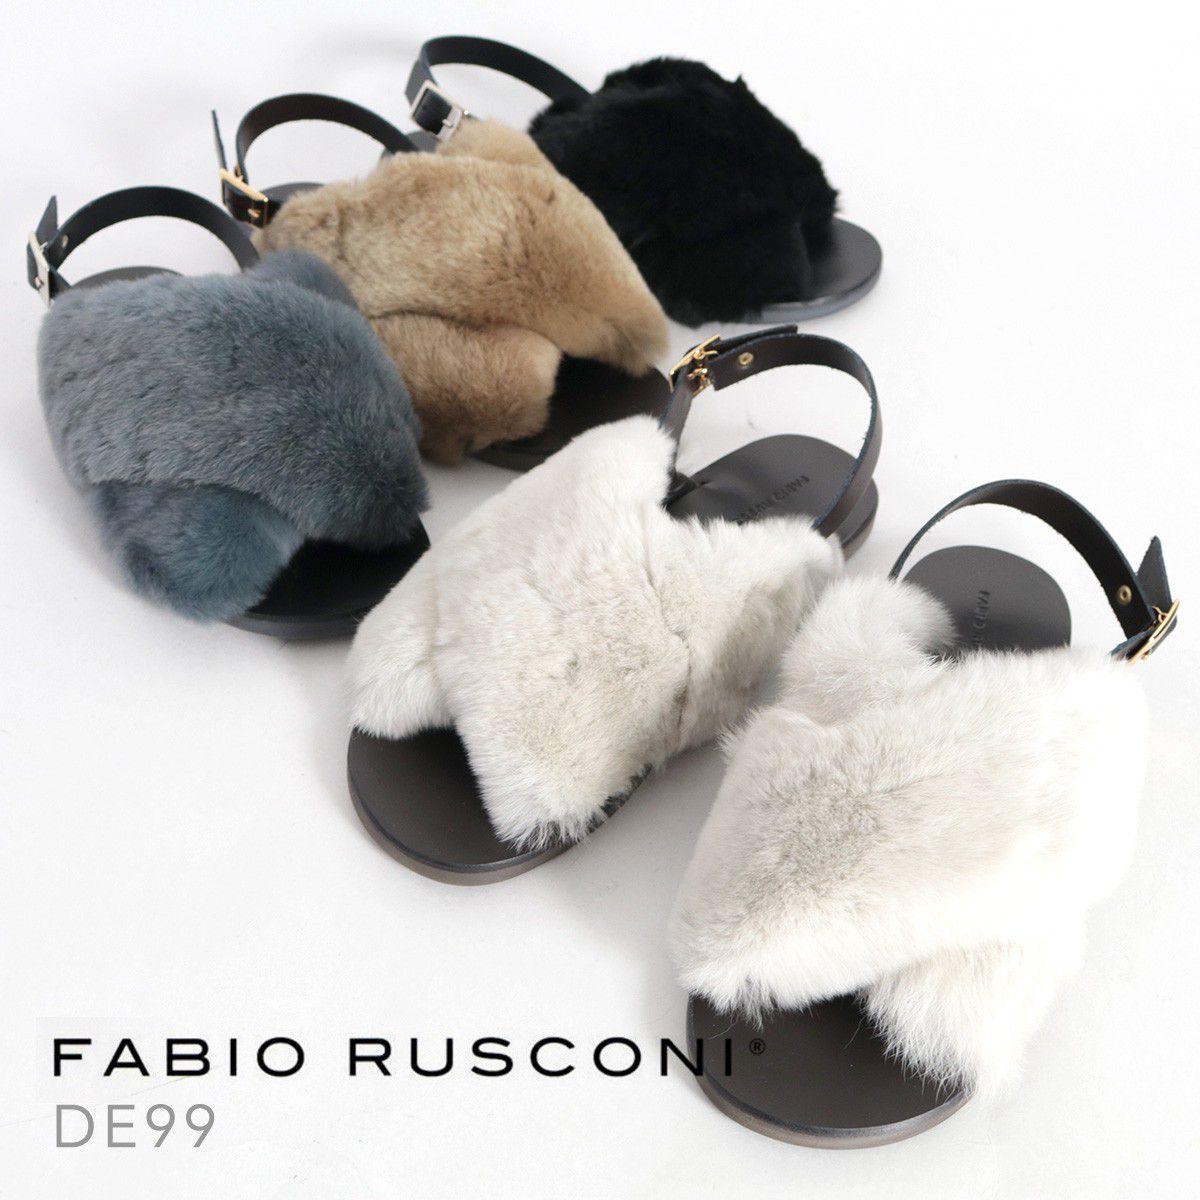 (ダークグレースエード) ファビオルスコーニ ファーミュール Fabio Rusconi